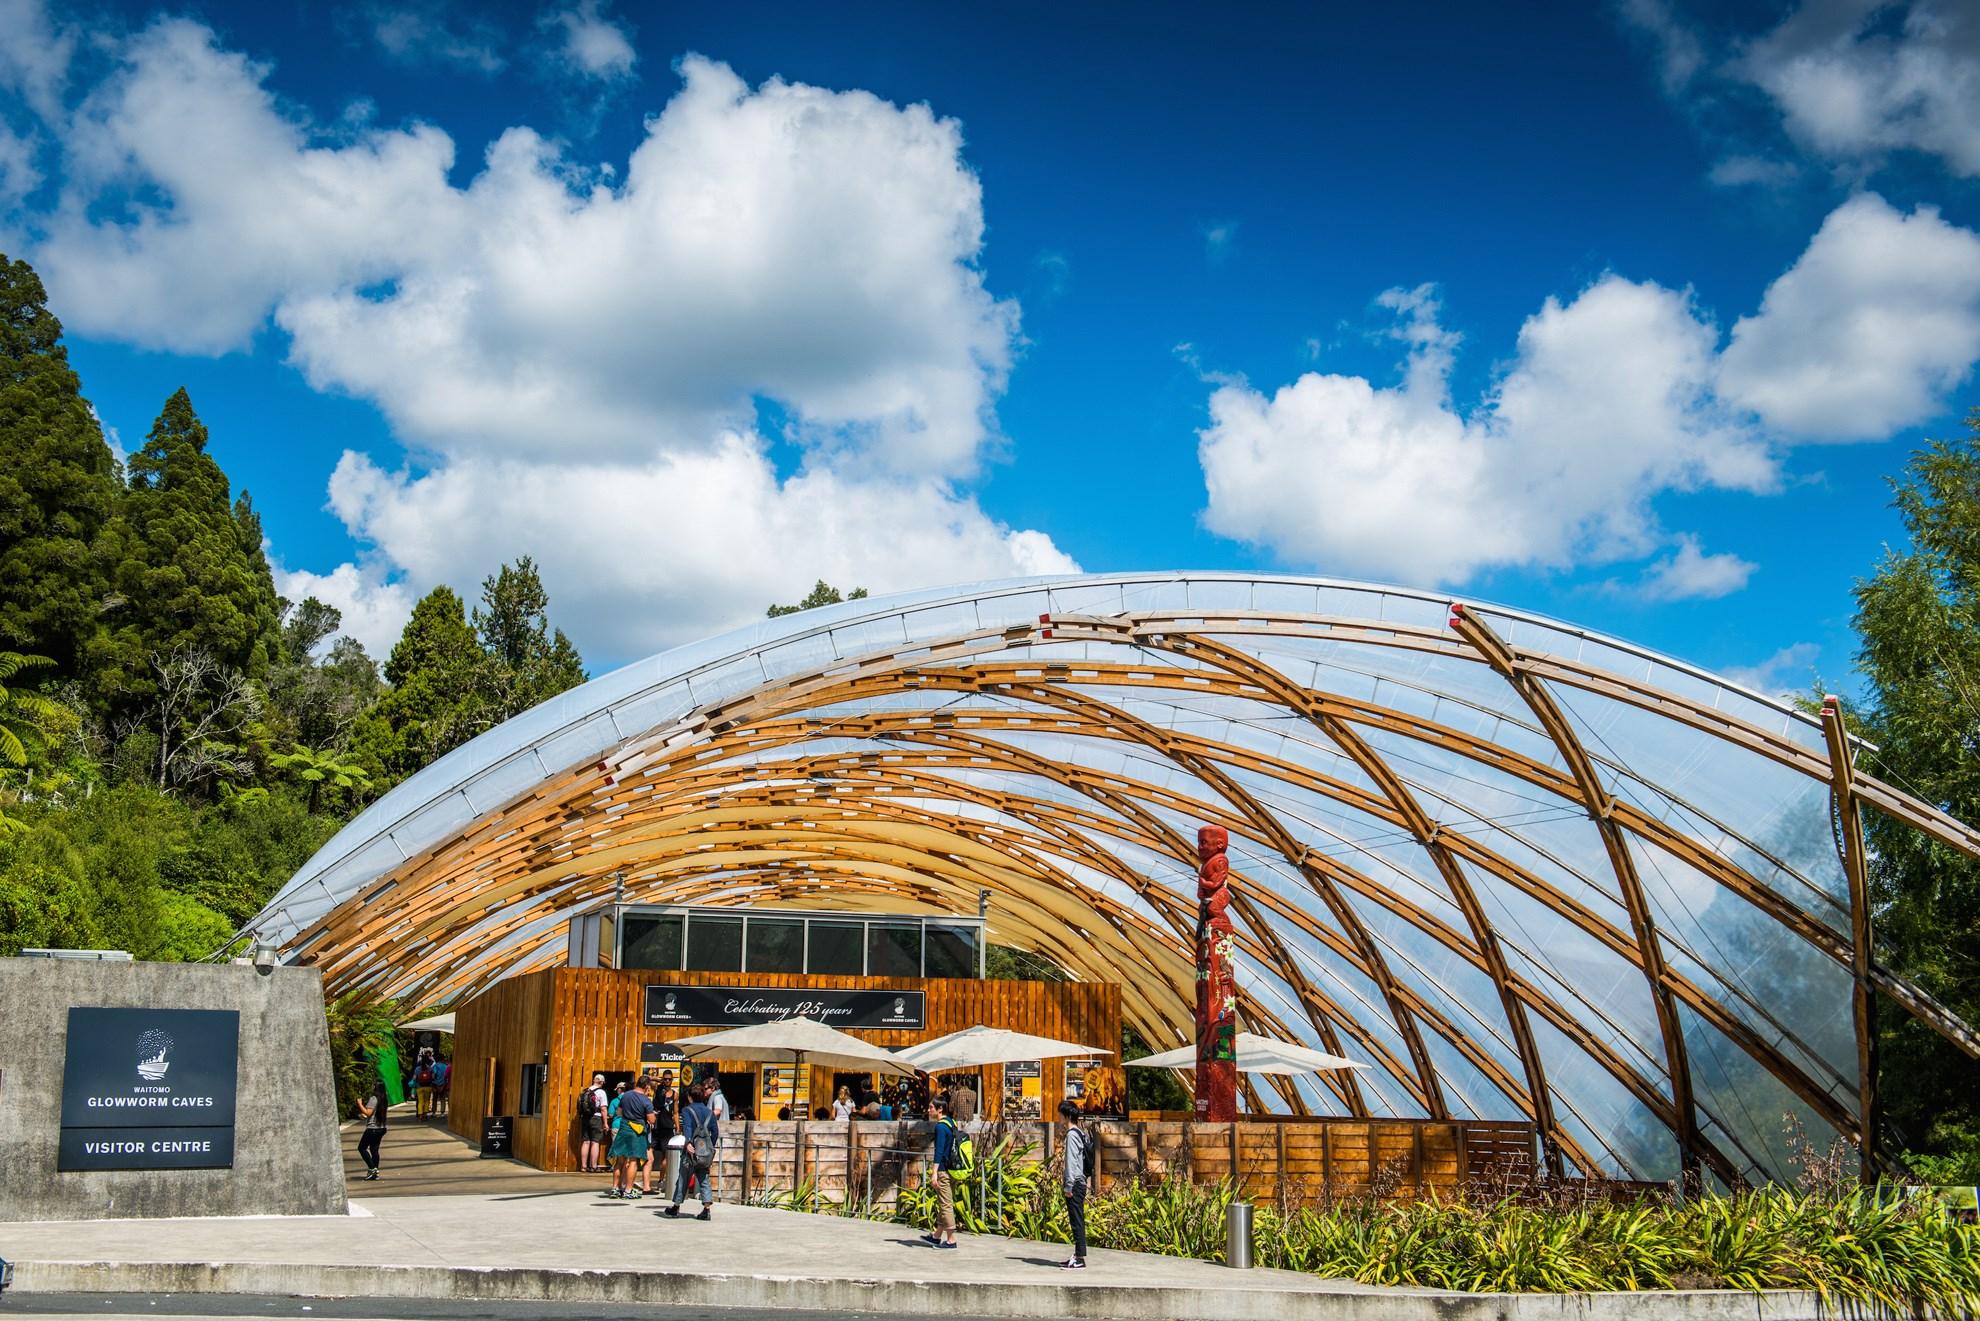 Tour tham quan hang Waitomo Glowworm, khởi hành từ Rotorua